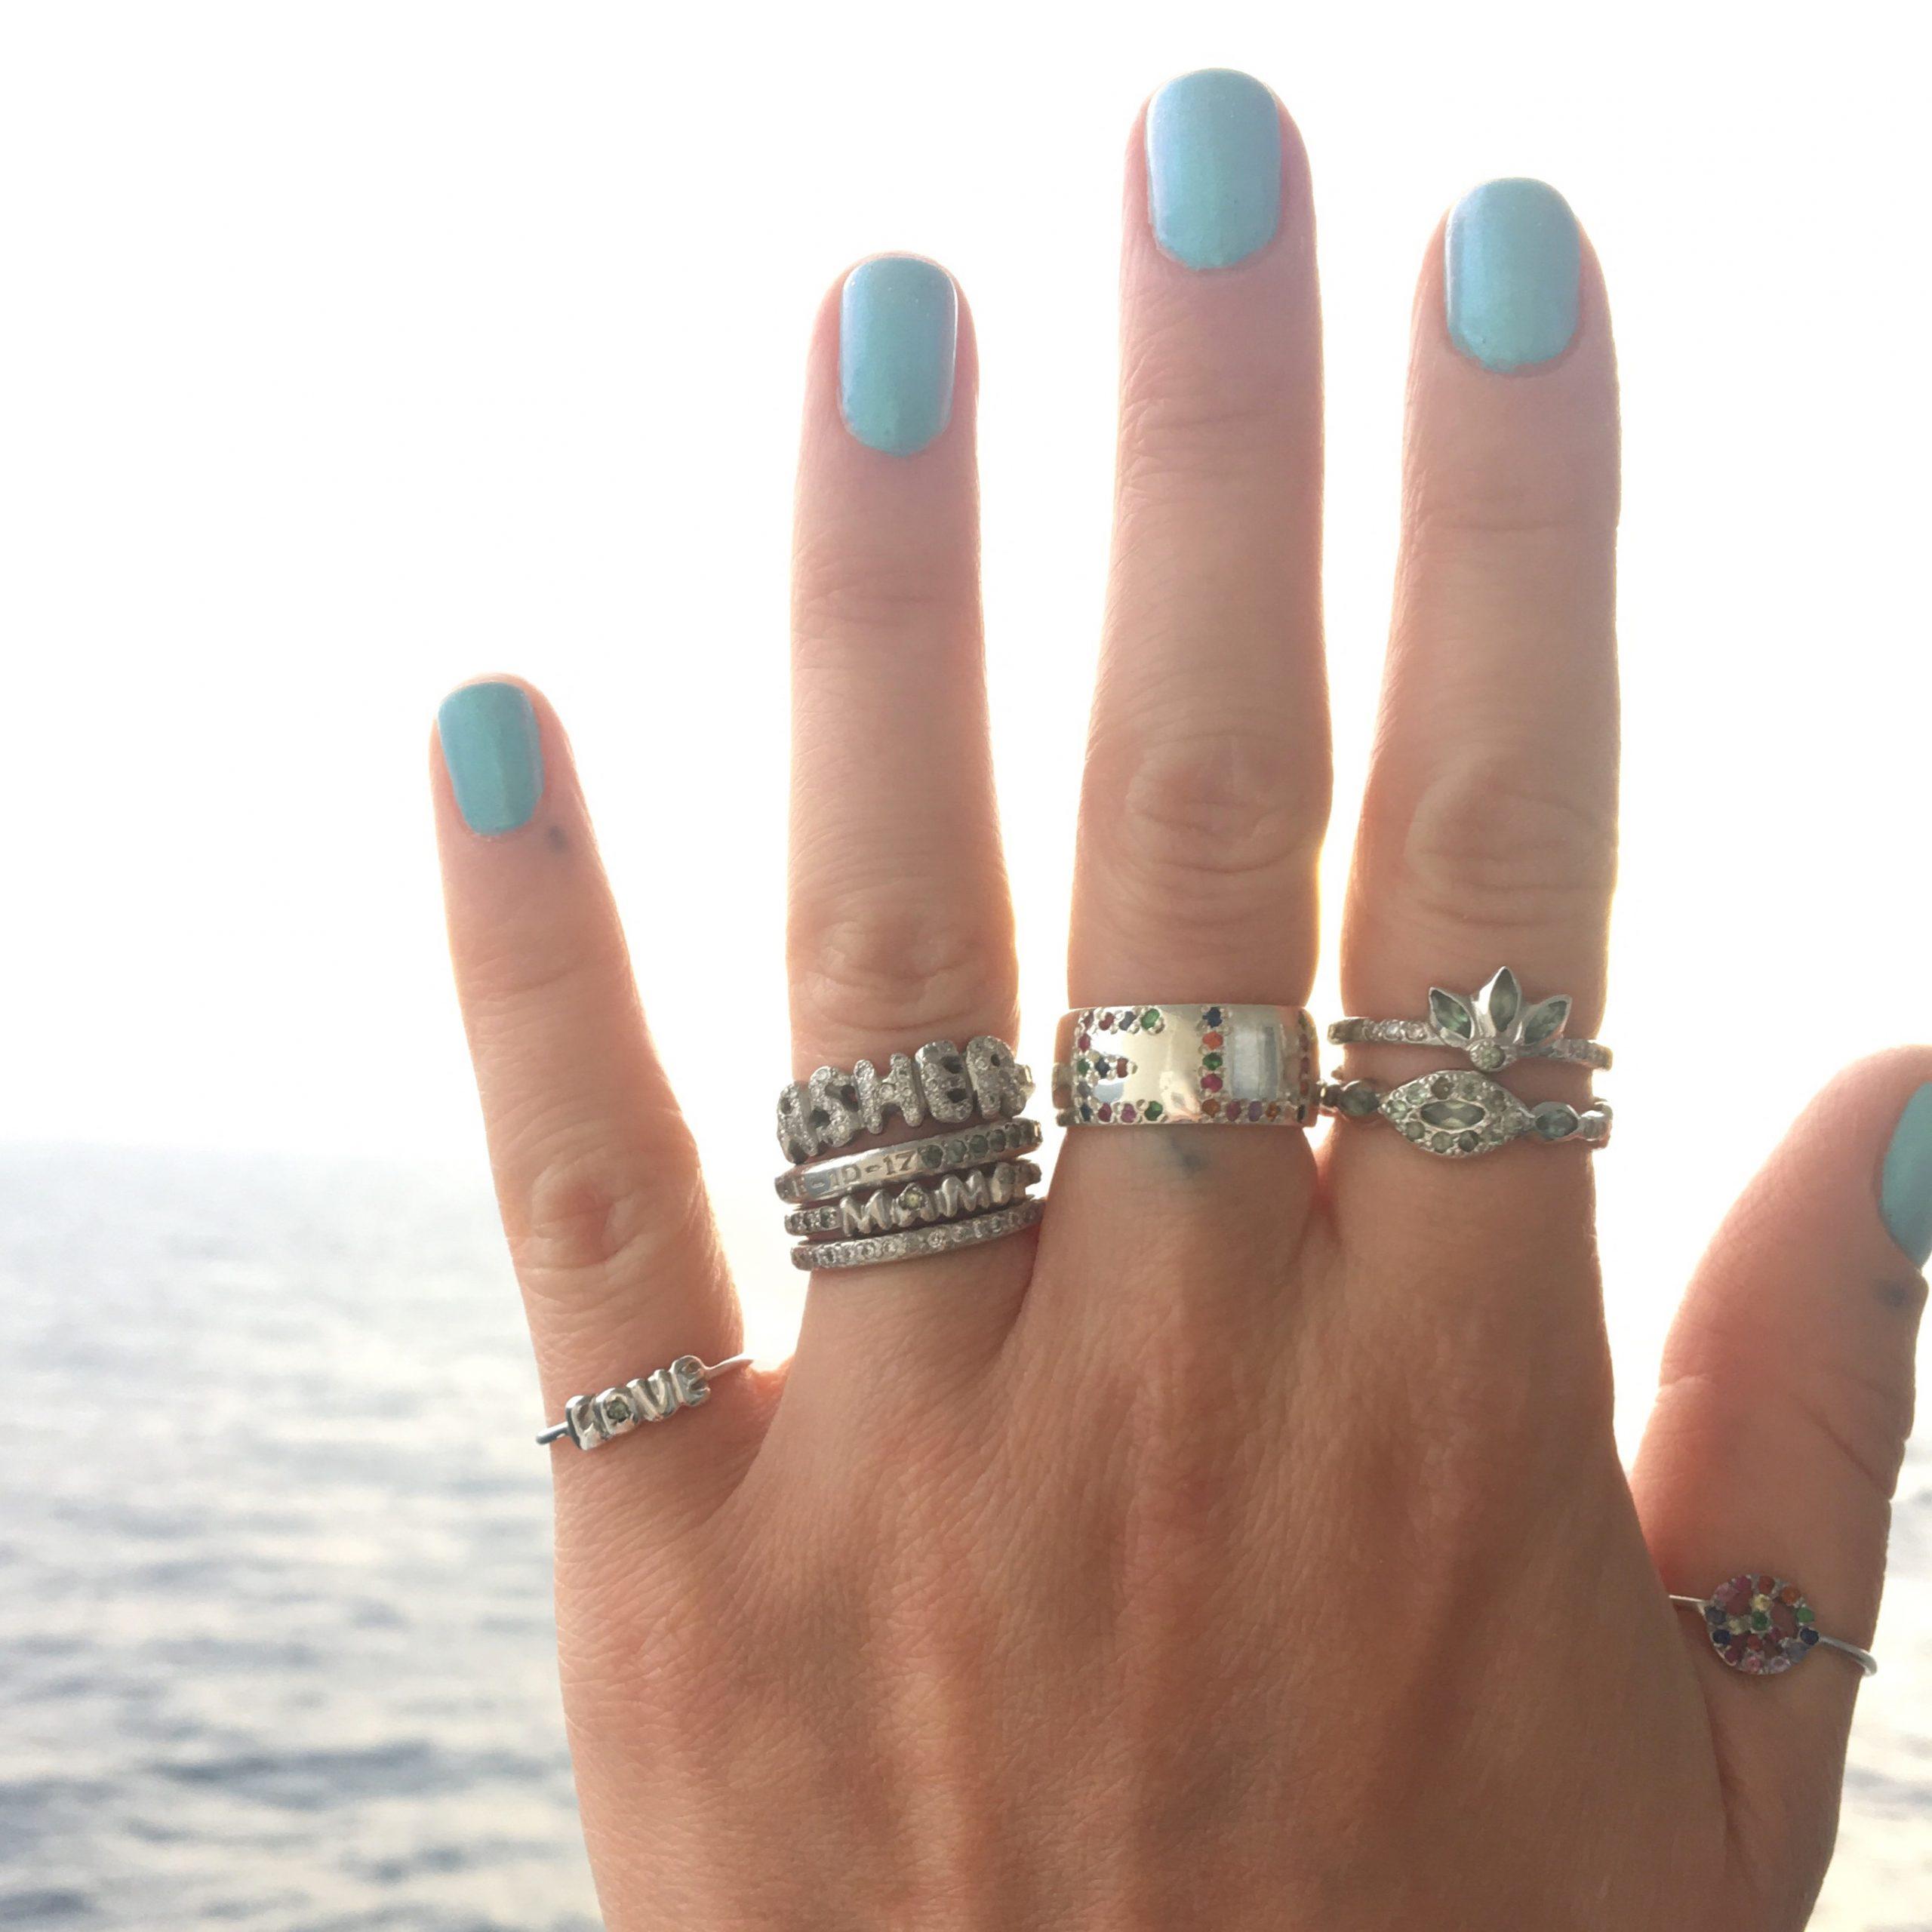 Misc Elisa Solomon Necklaces, prices vary @elisasolomon.com